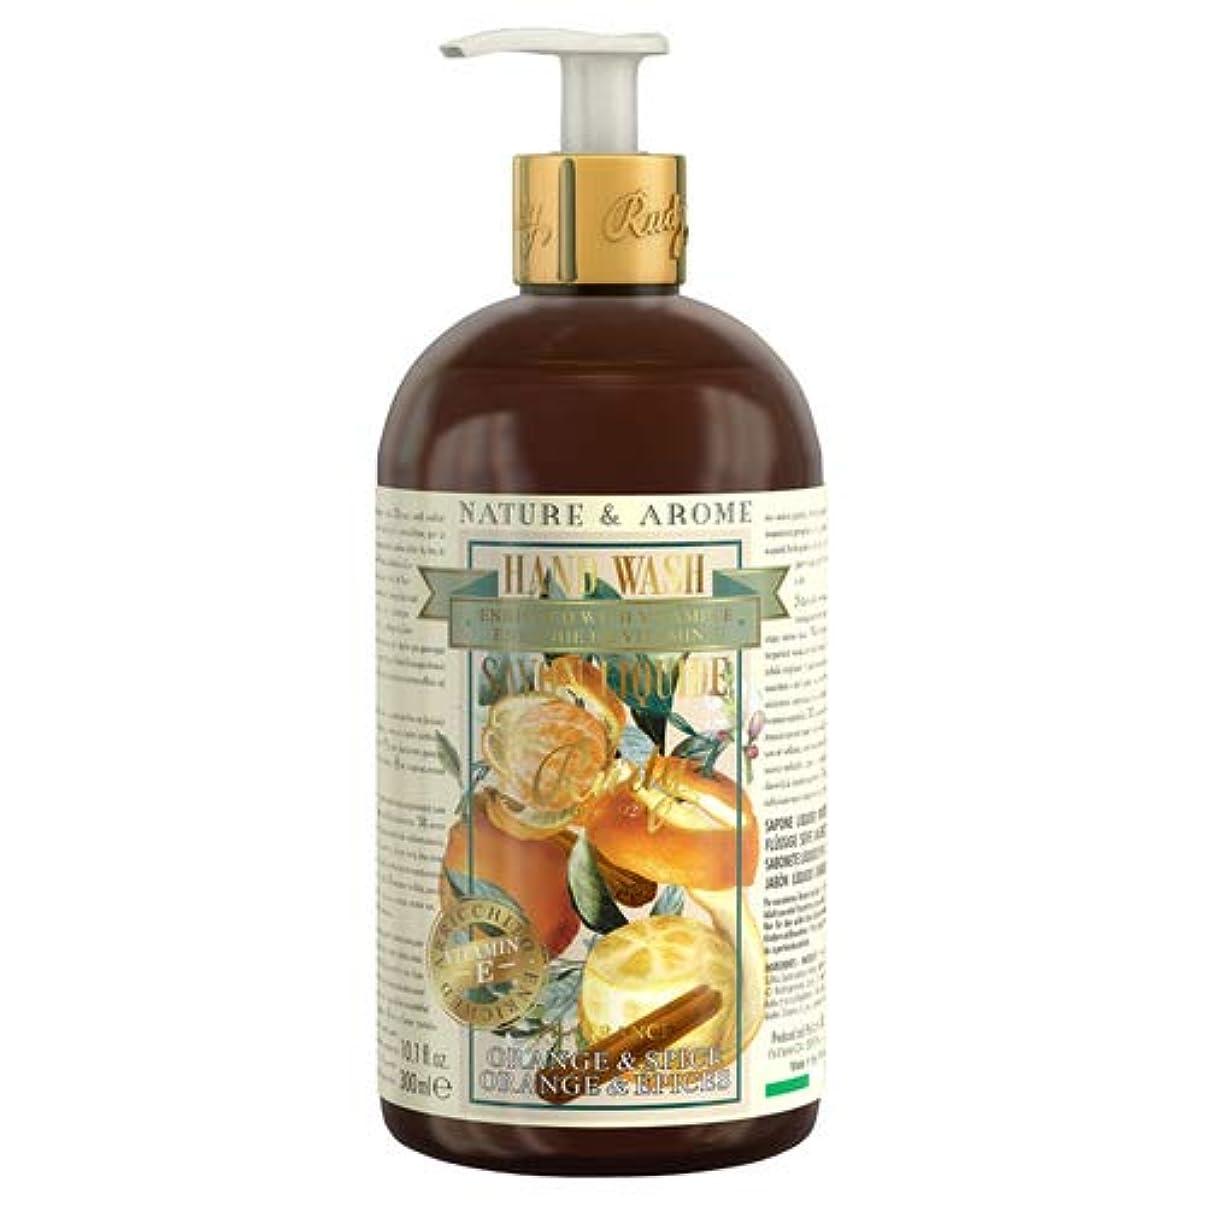 郵便物戦士ヘロインRUDY Nature&Arome Apothecary ネイチャーアロマ アポセカリー Hand Wash ハンドウォッシュ(ボディソープ) Orange & Spice オレンジ&スパイス